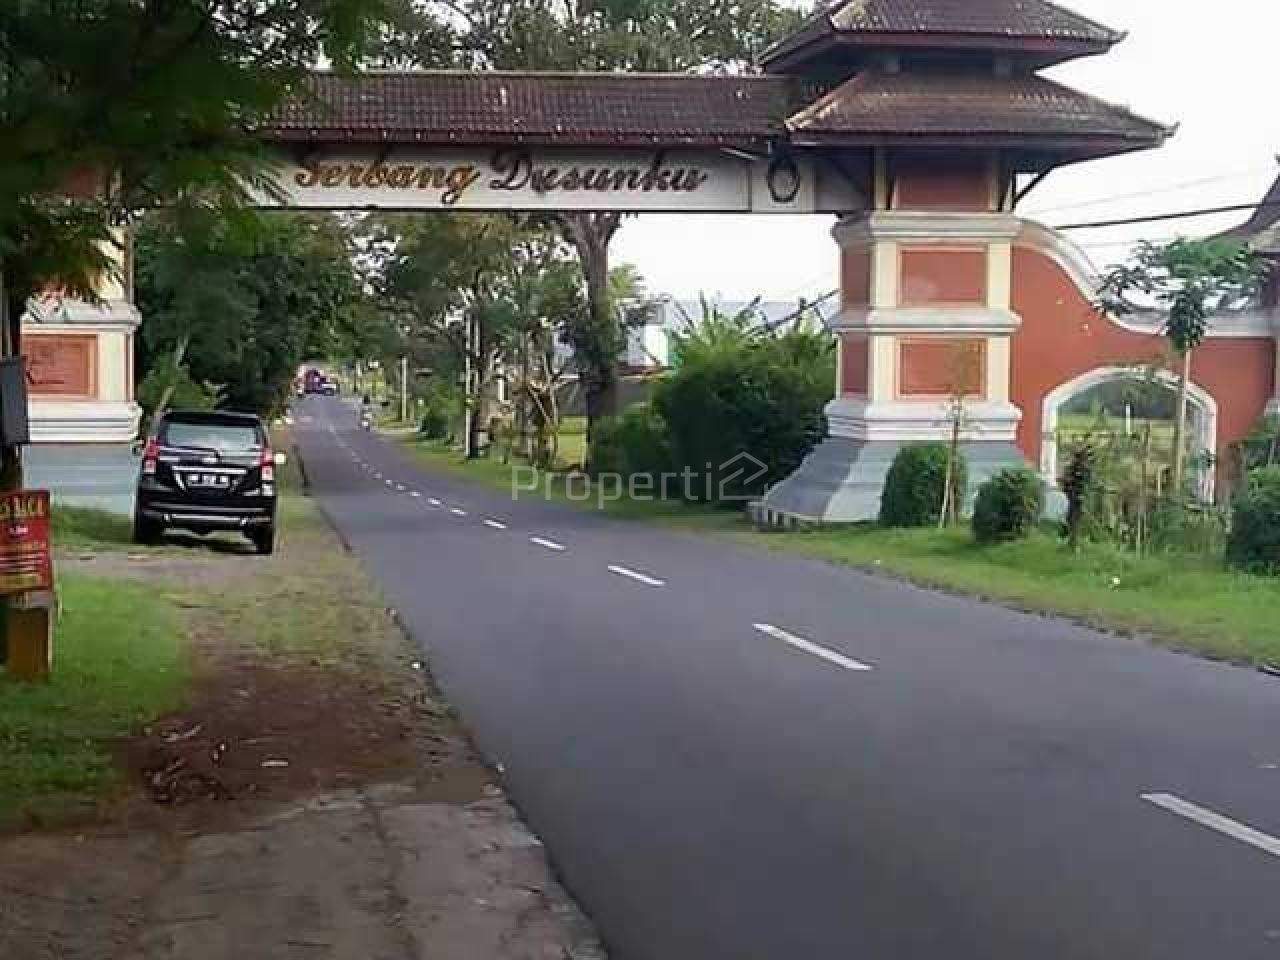 Strategic Land on Main Roadside in Temanggung, Jawa Tengah